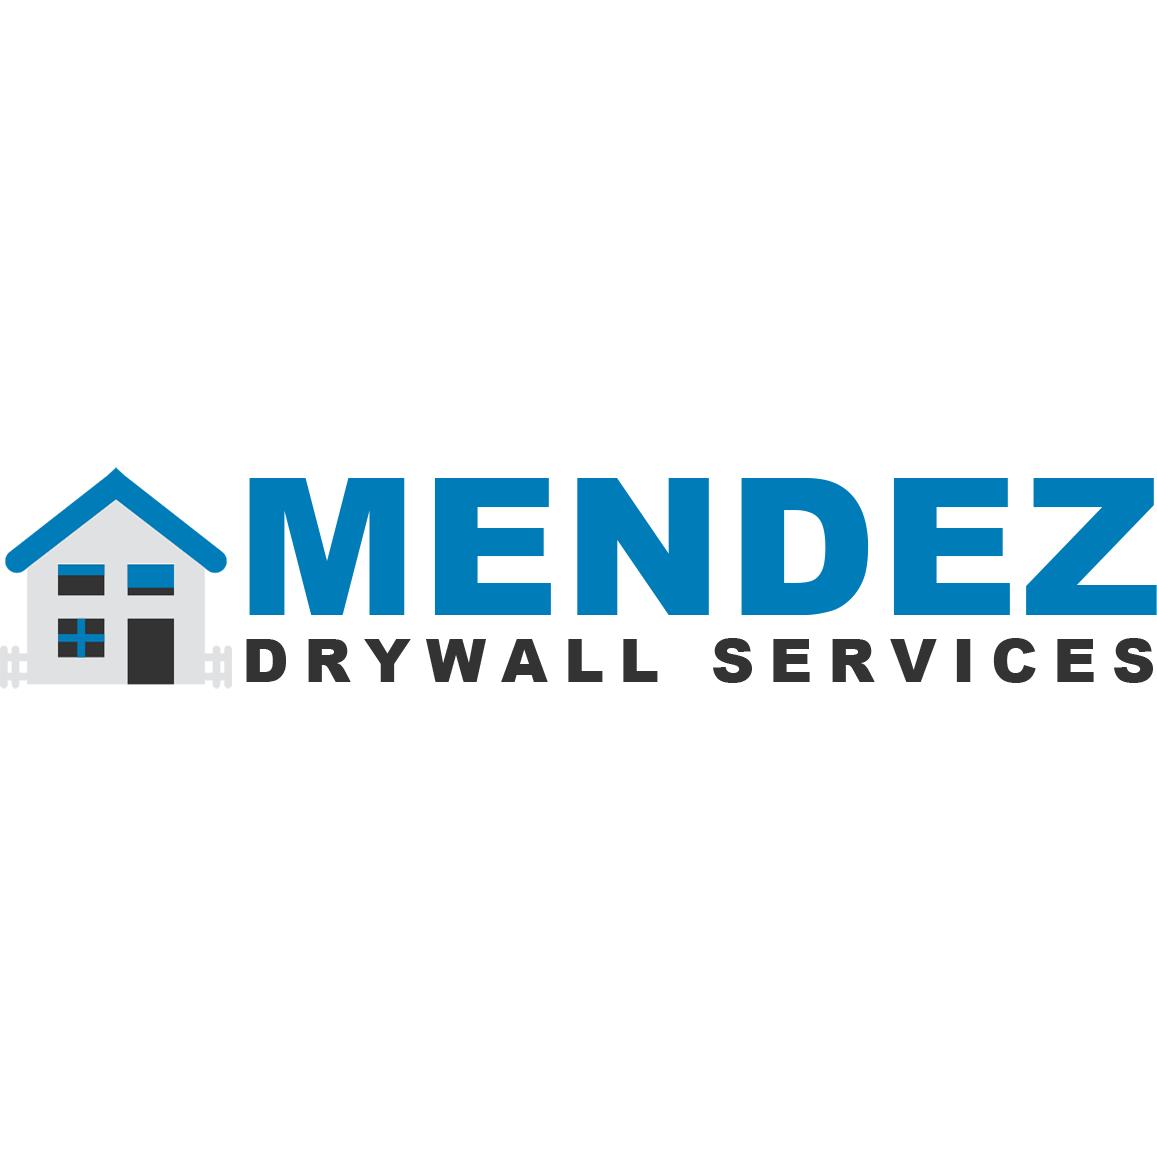 Mendez Drywall Services - Baton Rouge, LA 70816 - (225)916-7398   ShowMeLocal.com